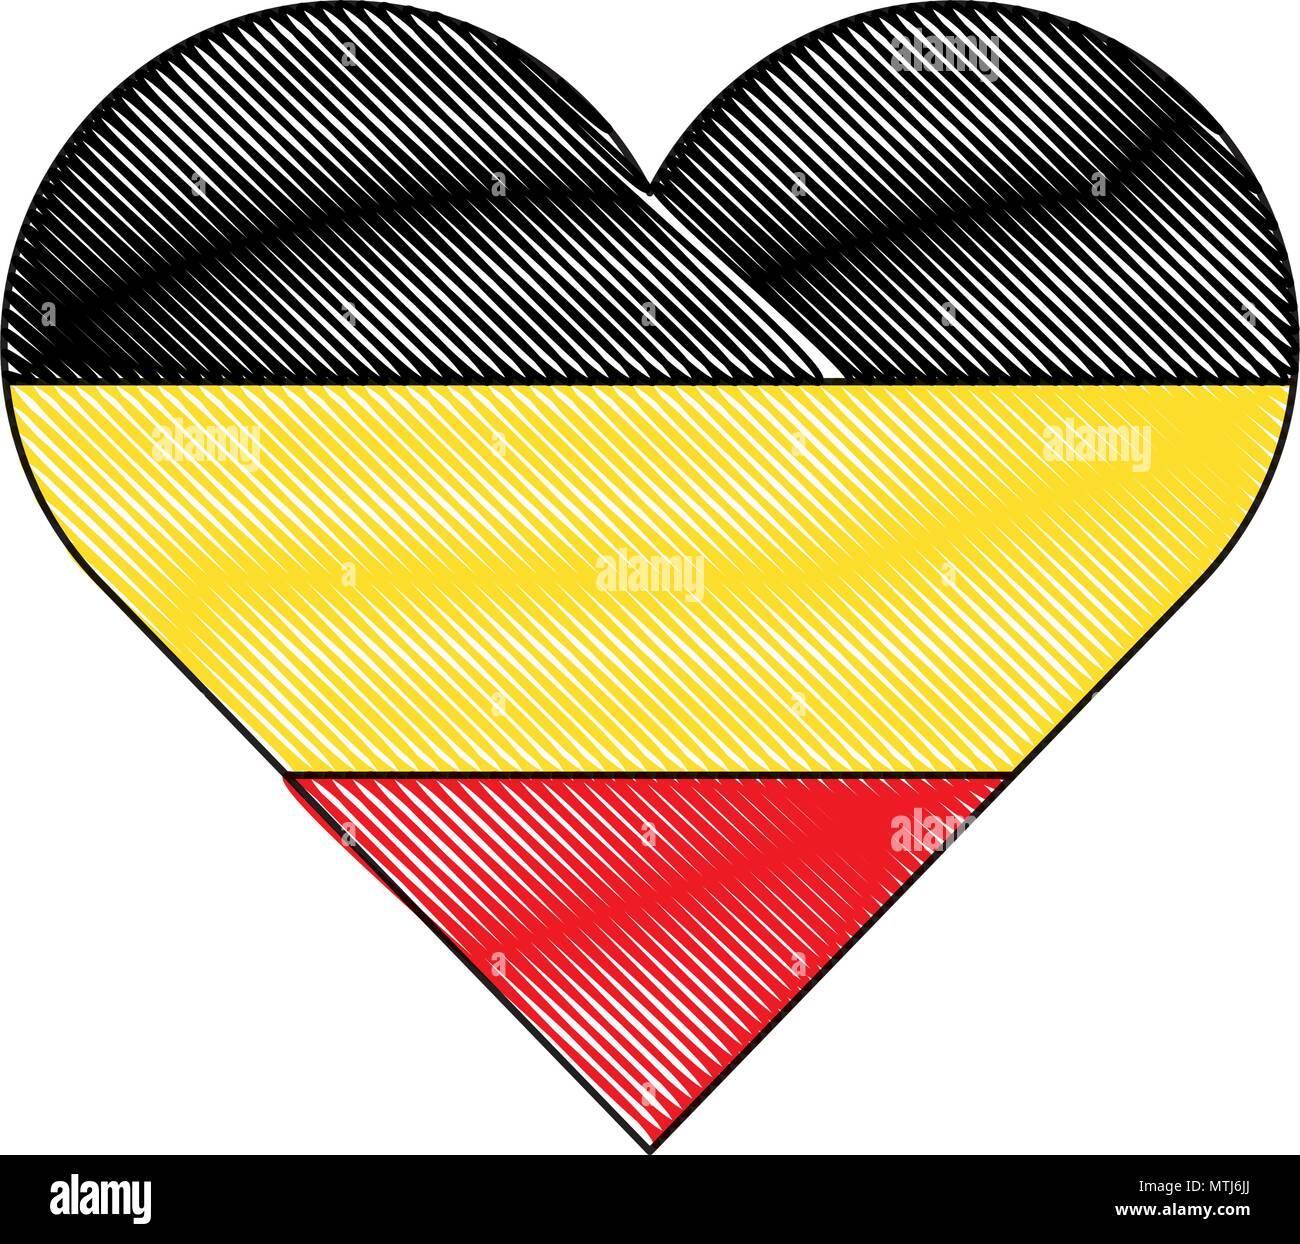 german flag in heart shape over white background, vector illustration - Stock Vector